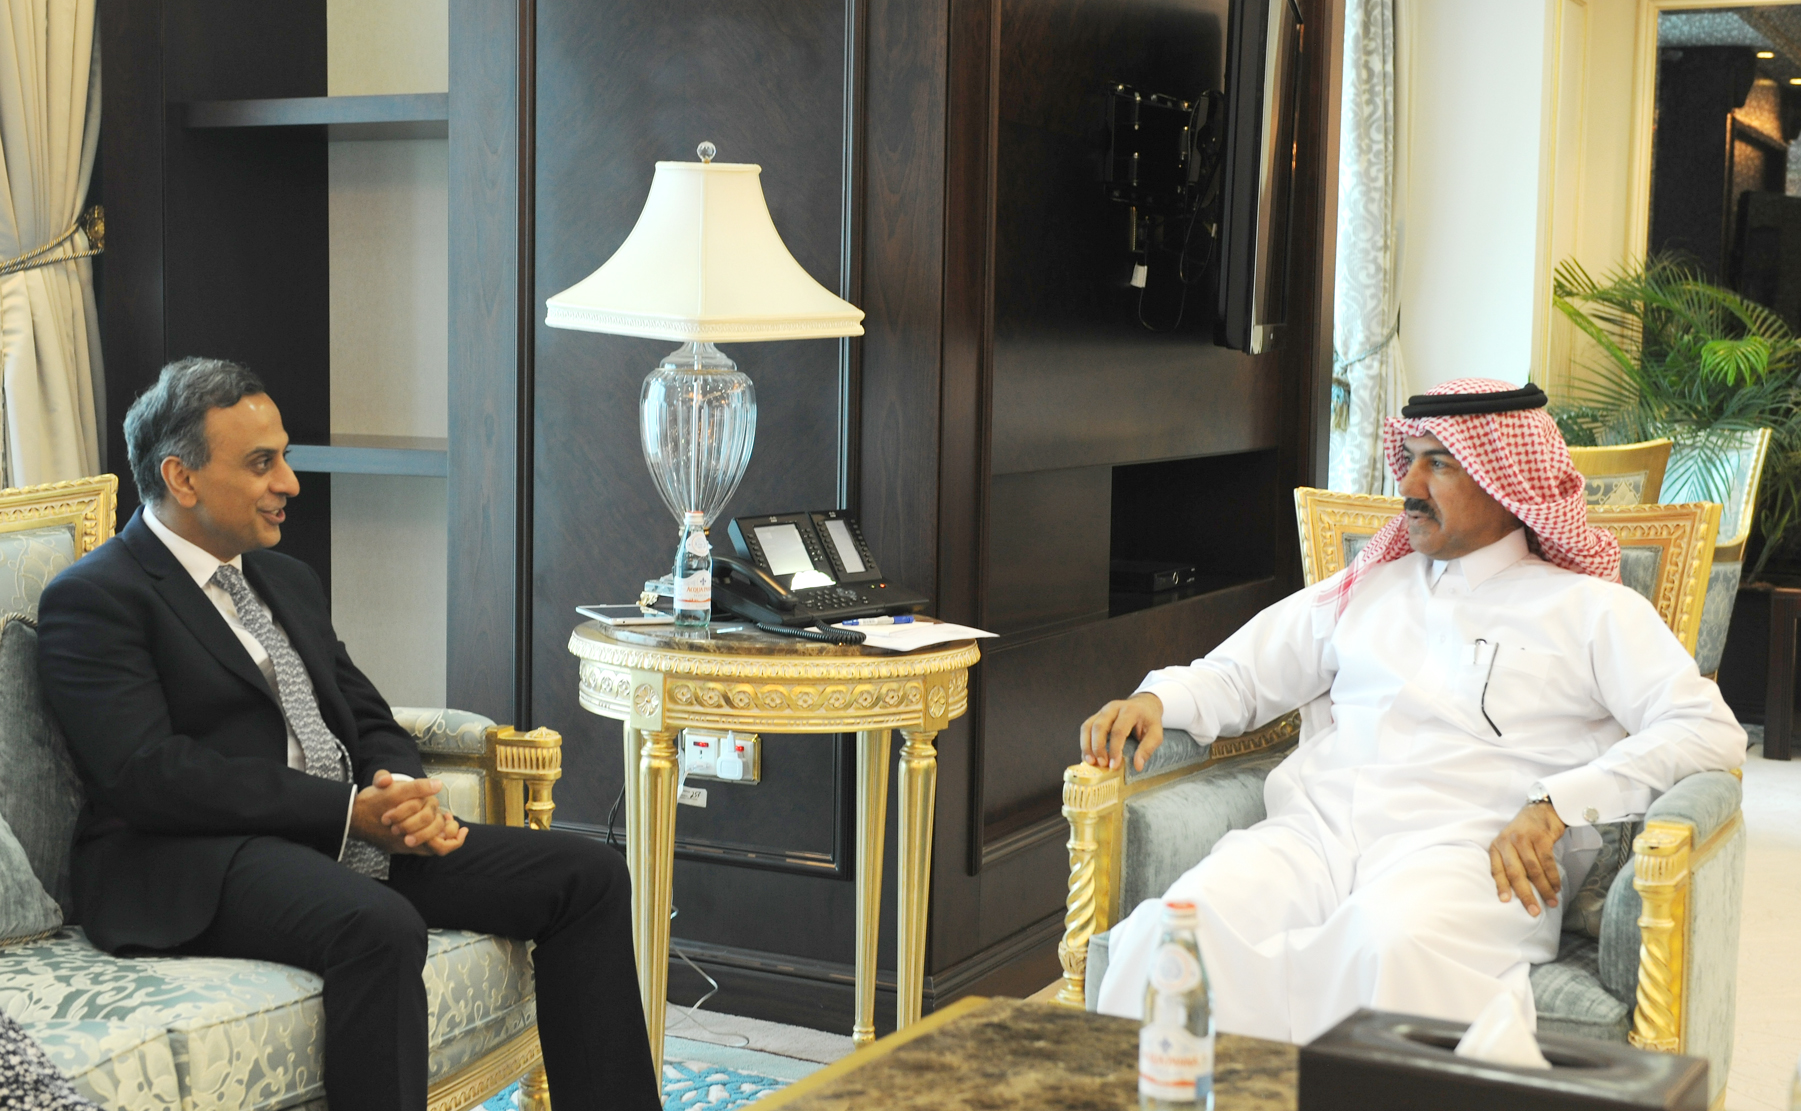 الأمين العام لوزارة الخارجية يجتمع مع سفير المملكة المتحدة